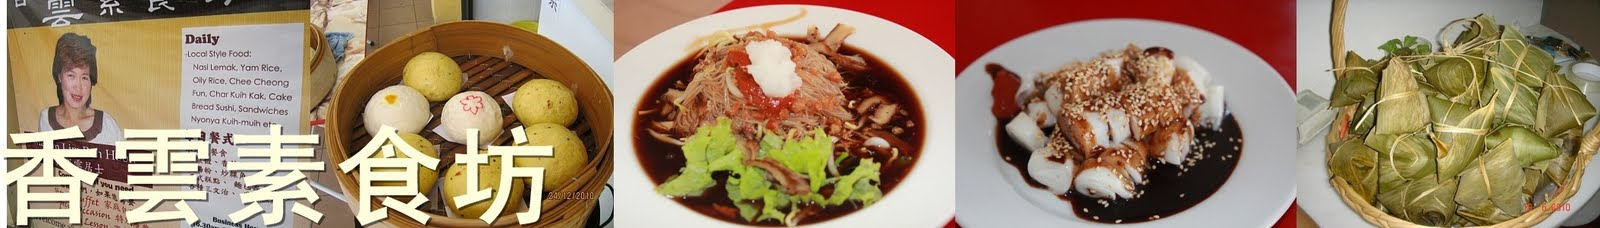 Xiang Yun Vegetarian